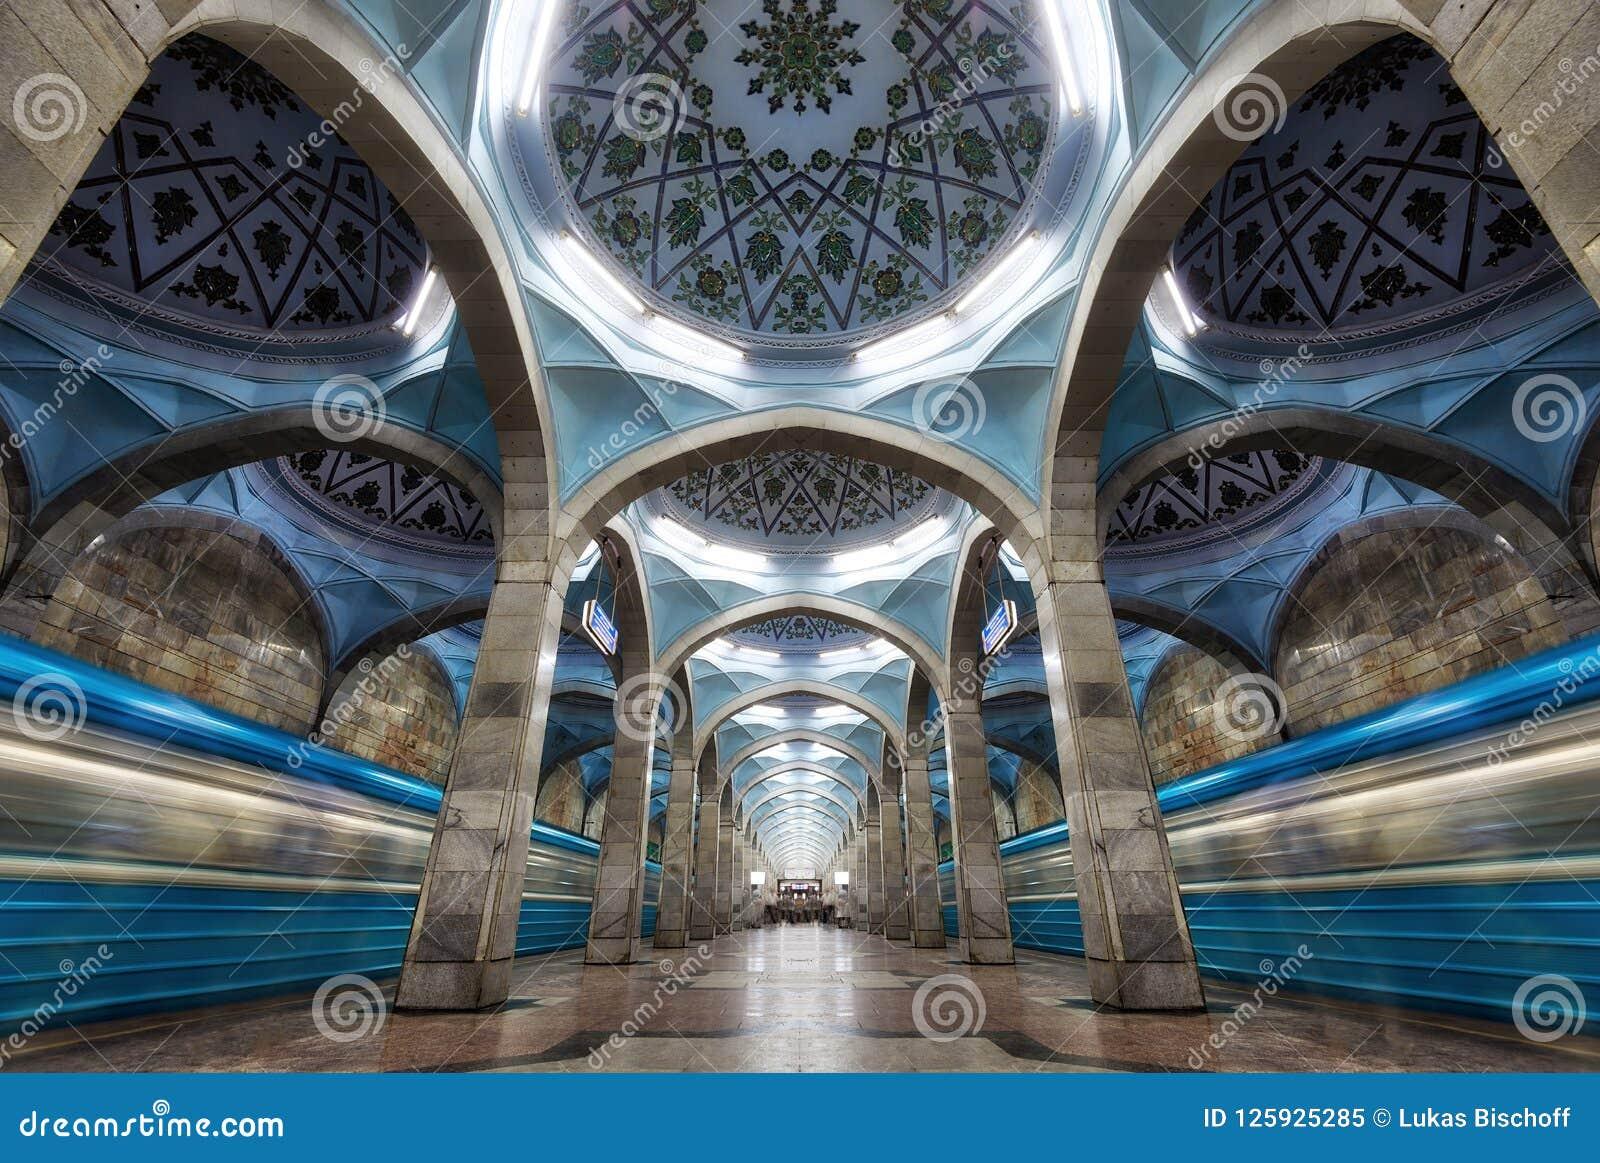 Symmetrische Metro Postarchitectuur in Centraal Tashkent, Uzbeki